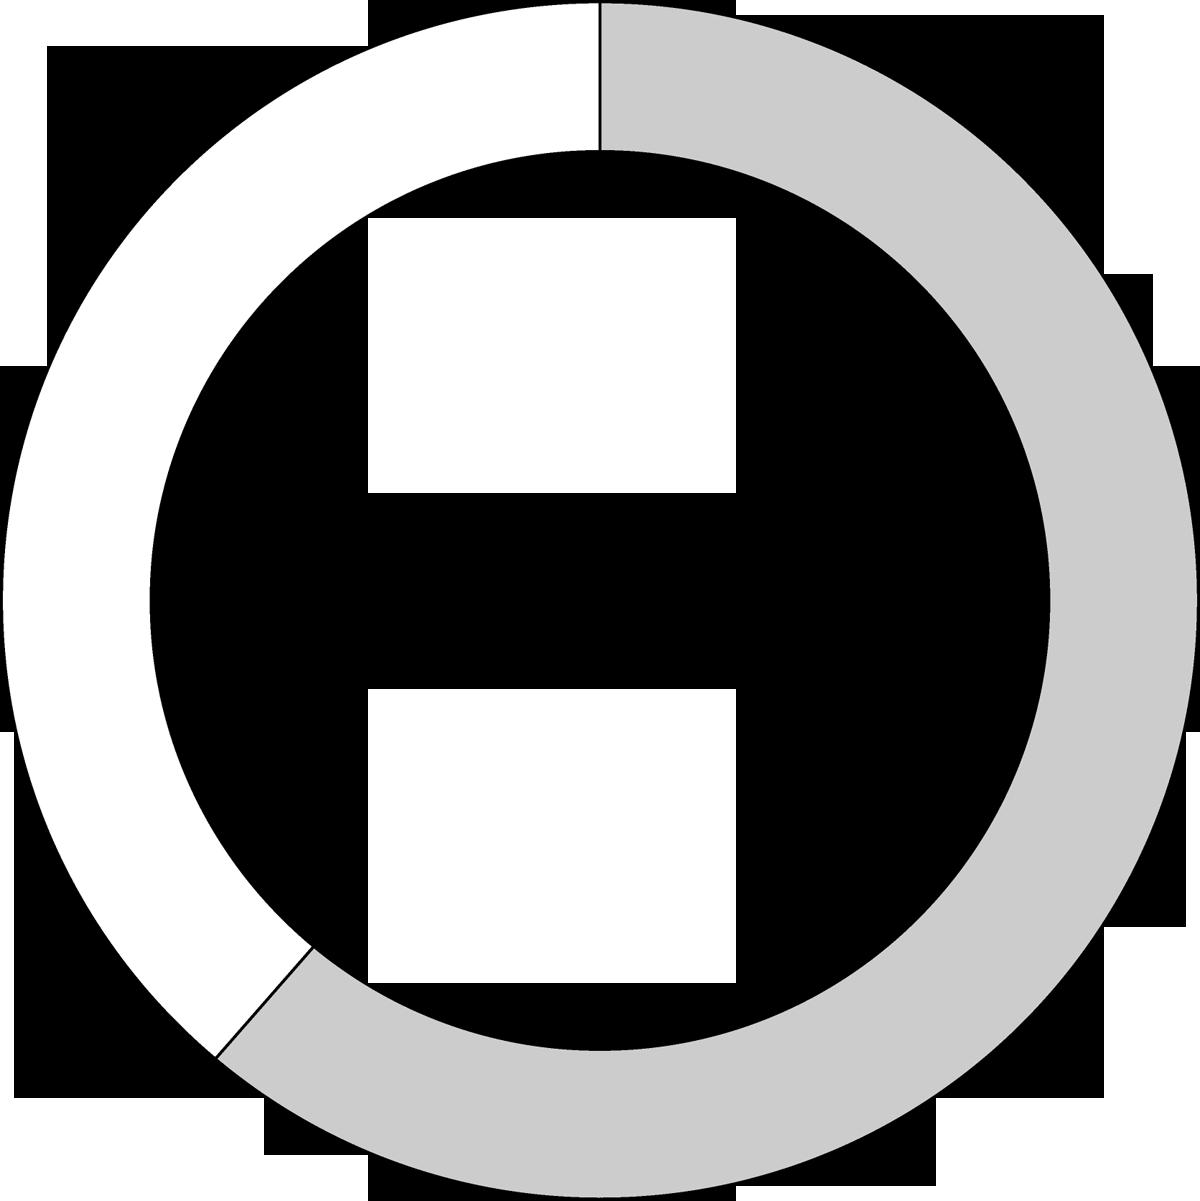 64-percent-new